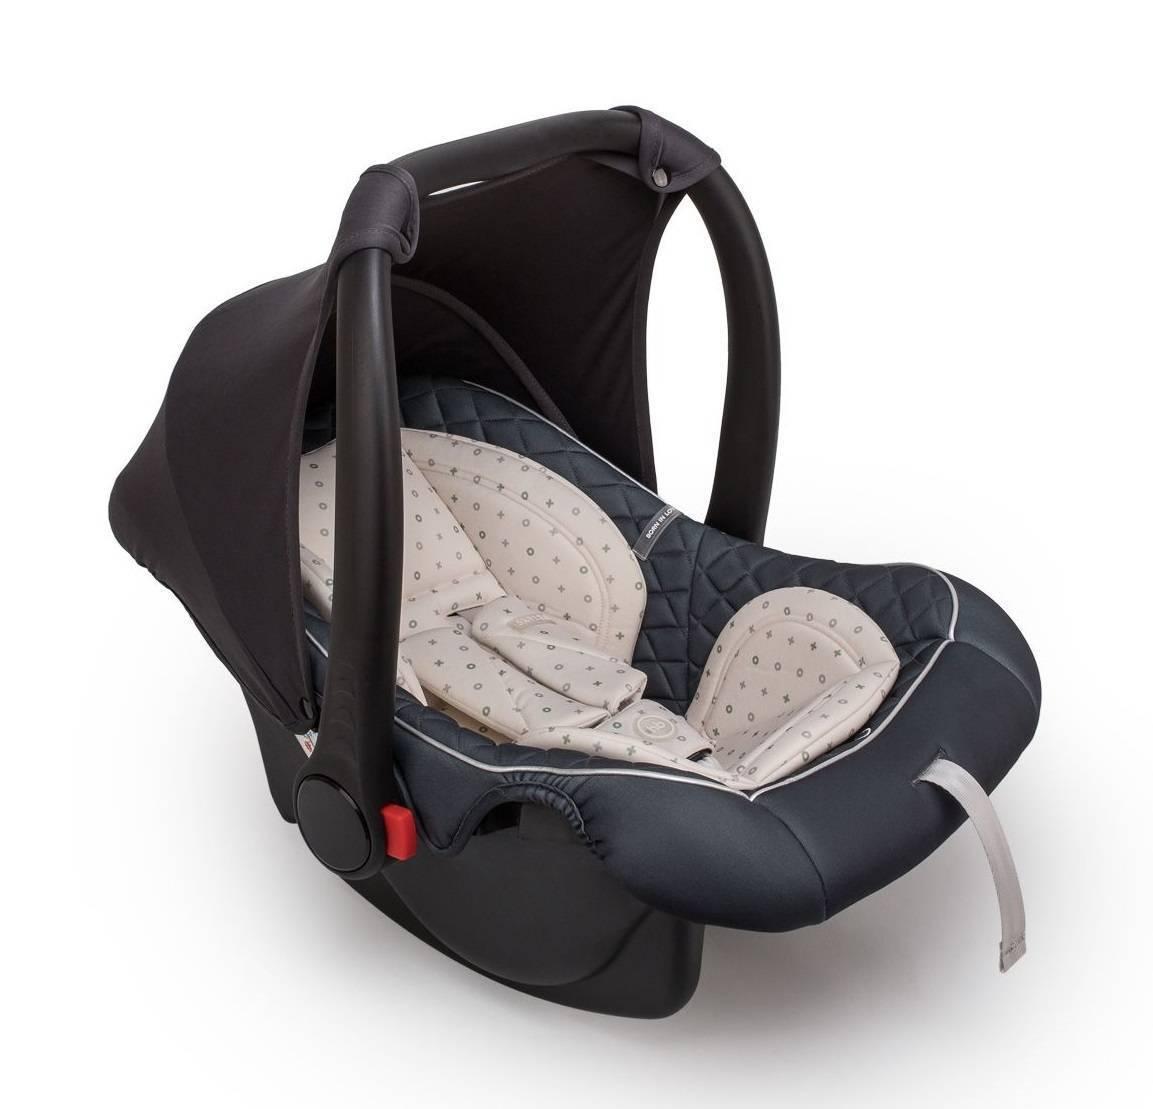 Автолюлька для новорожденных в машину: фото кресла, переноски — что лучше, до какого возраста?